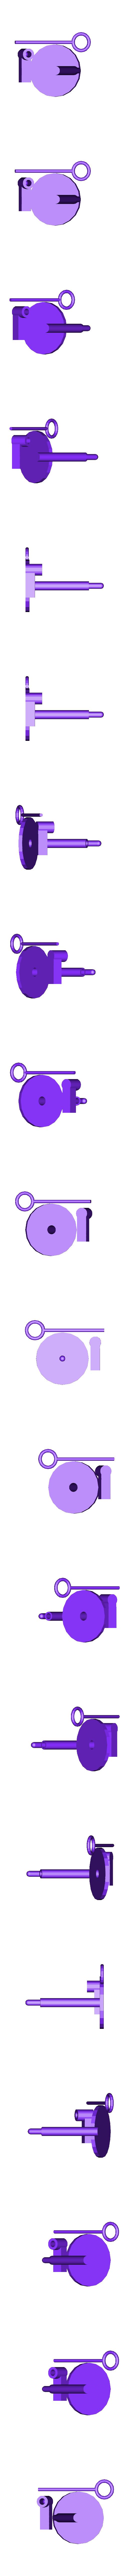 recordplayer_v2_tonearm.stl Télécharger fichier STL gratuit Lecteur vinyle coudé à la main v2.0 • Objet pour imprimante 3D, Tramgonce